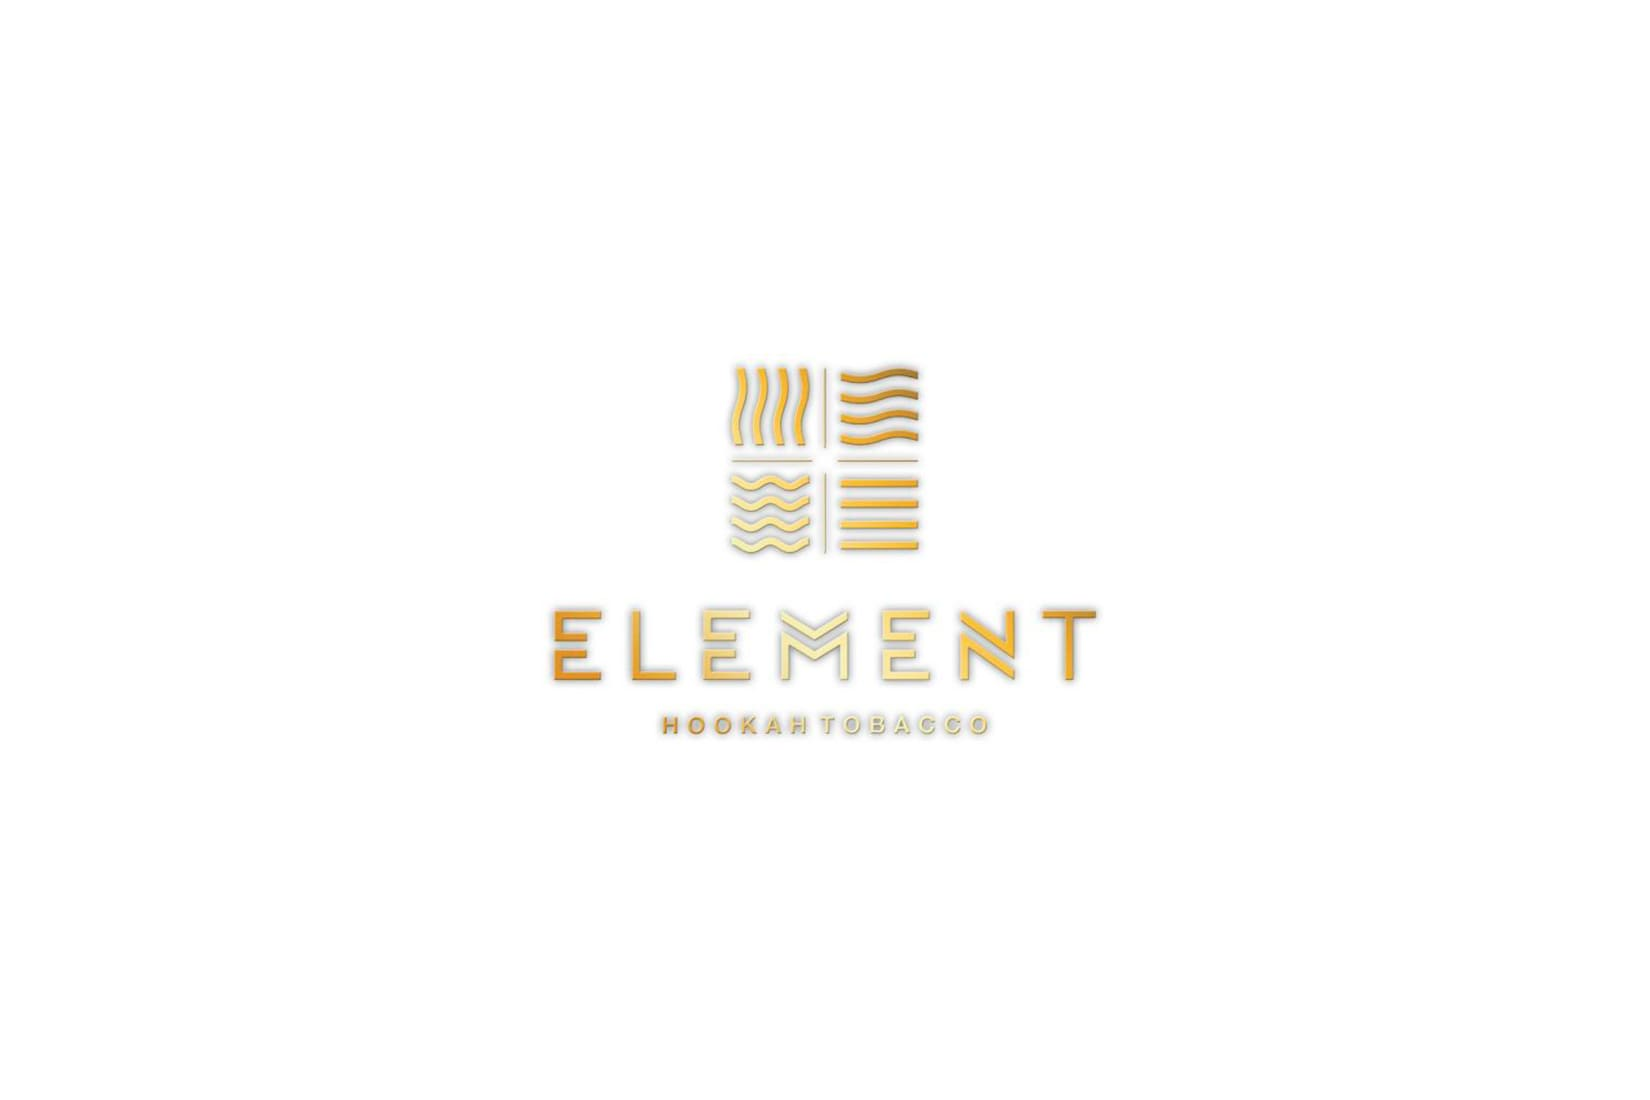 Табак для кальяна Element: описание, вкусы, миксы, отзывы.